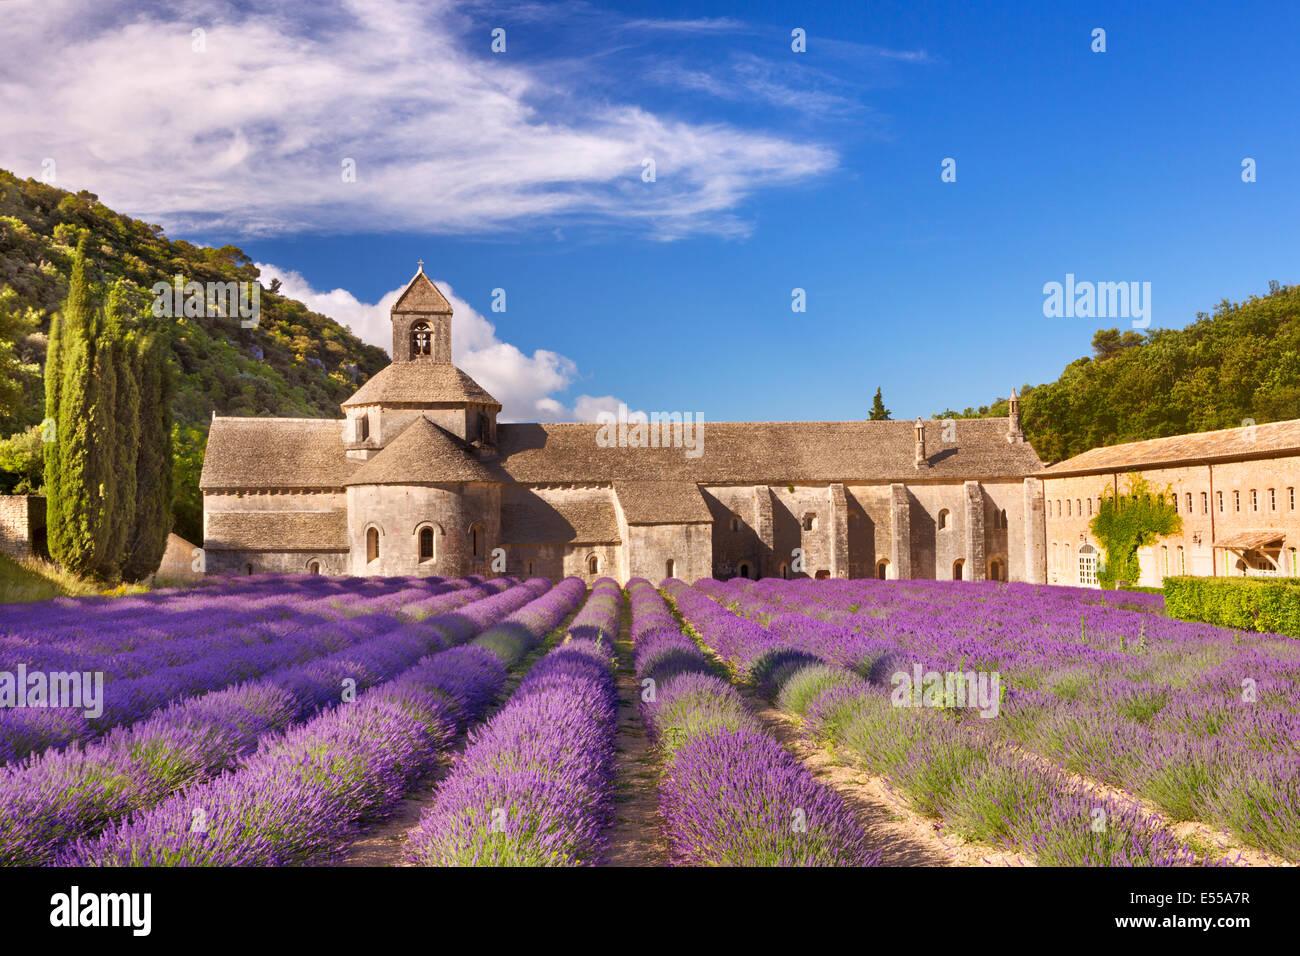 La Abbaye de Senanque en Provence, Francia con lavanda flor Imagen De Stock